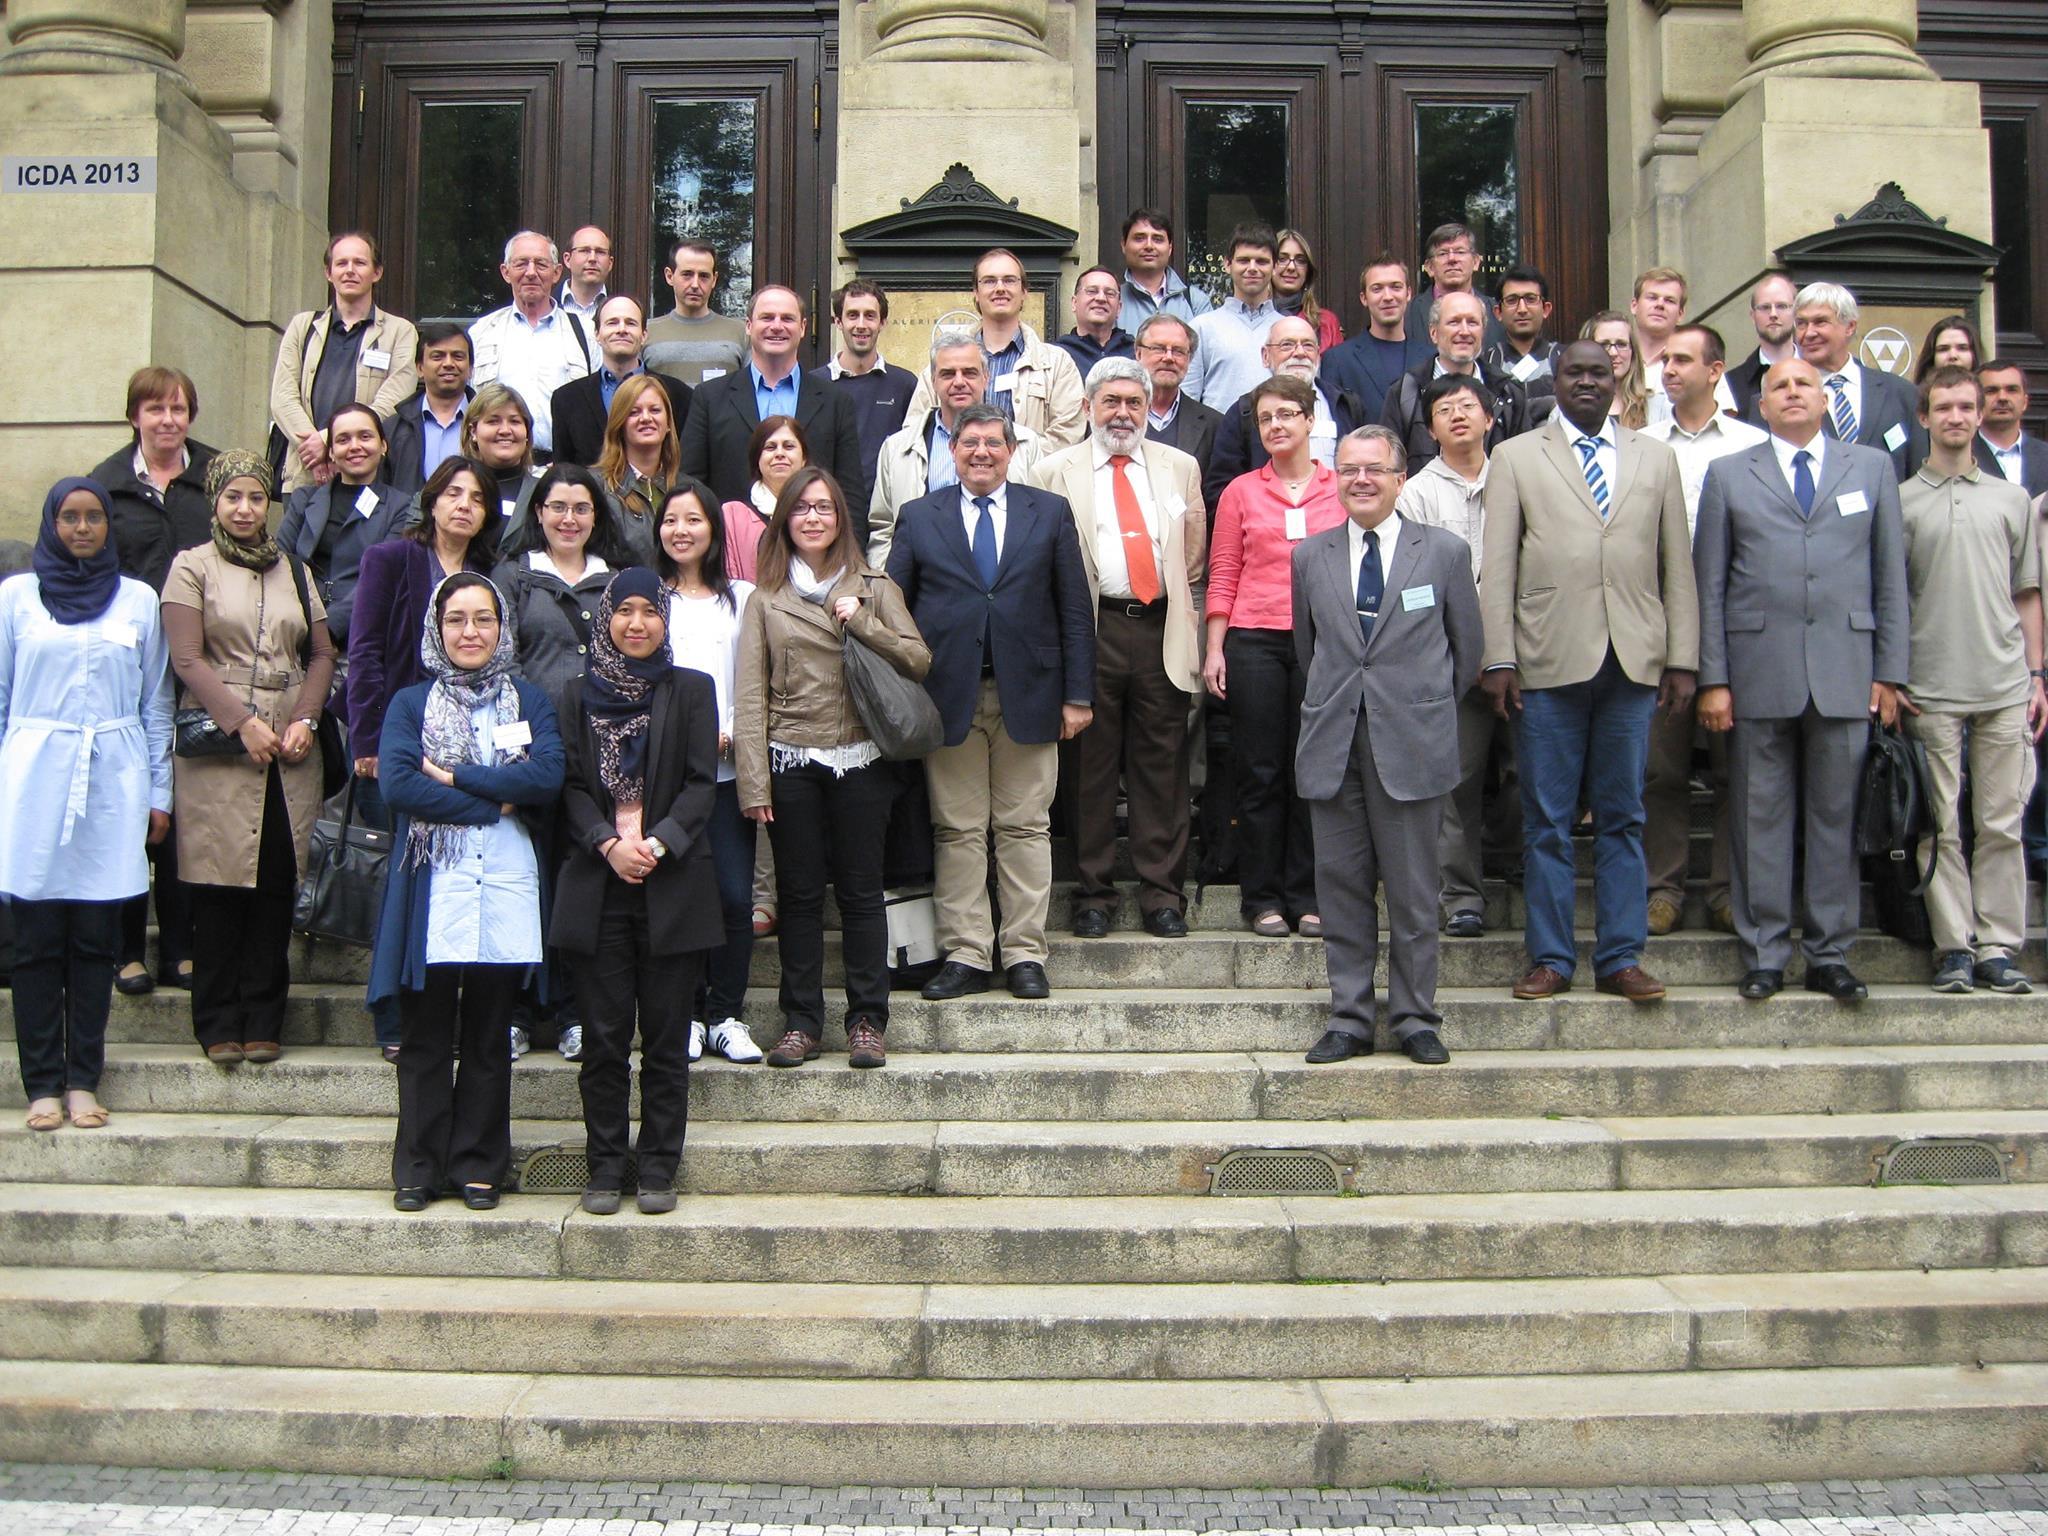 شکردخت در سال ۱۳۸۹ (اکتبر۲۰۱۰ م) تحت بورسیهی سازمان بینالمللی انرژی اتمی برای گذراندن دورهی ماستری در رشتهی مدیکالفیزیک در دانشگاه ساری (University of Surrey)  عازم کشور انگلستان شد